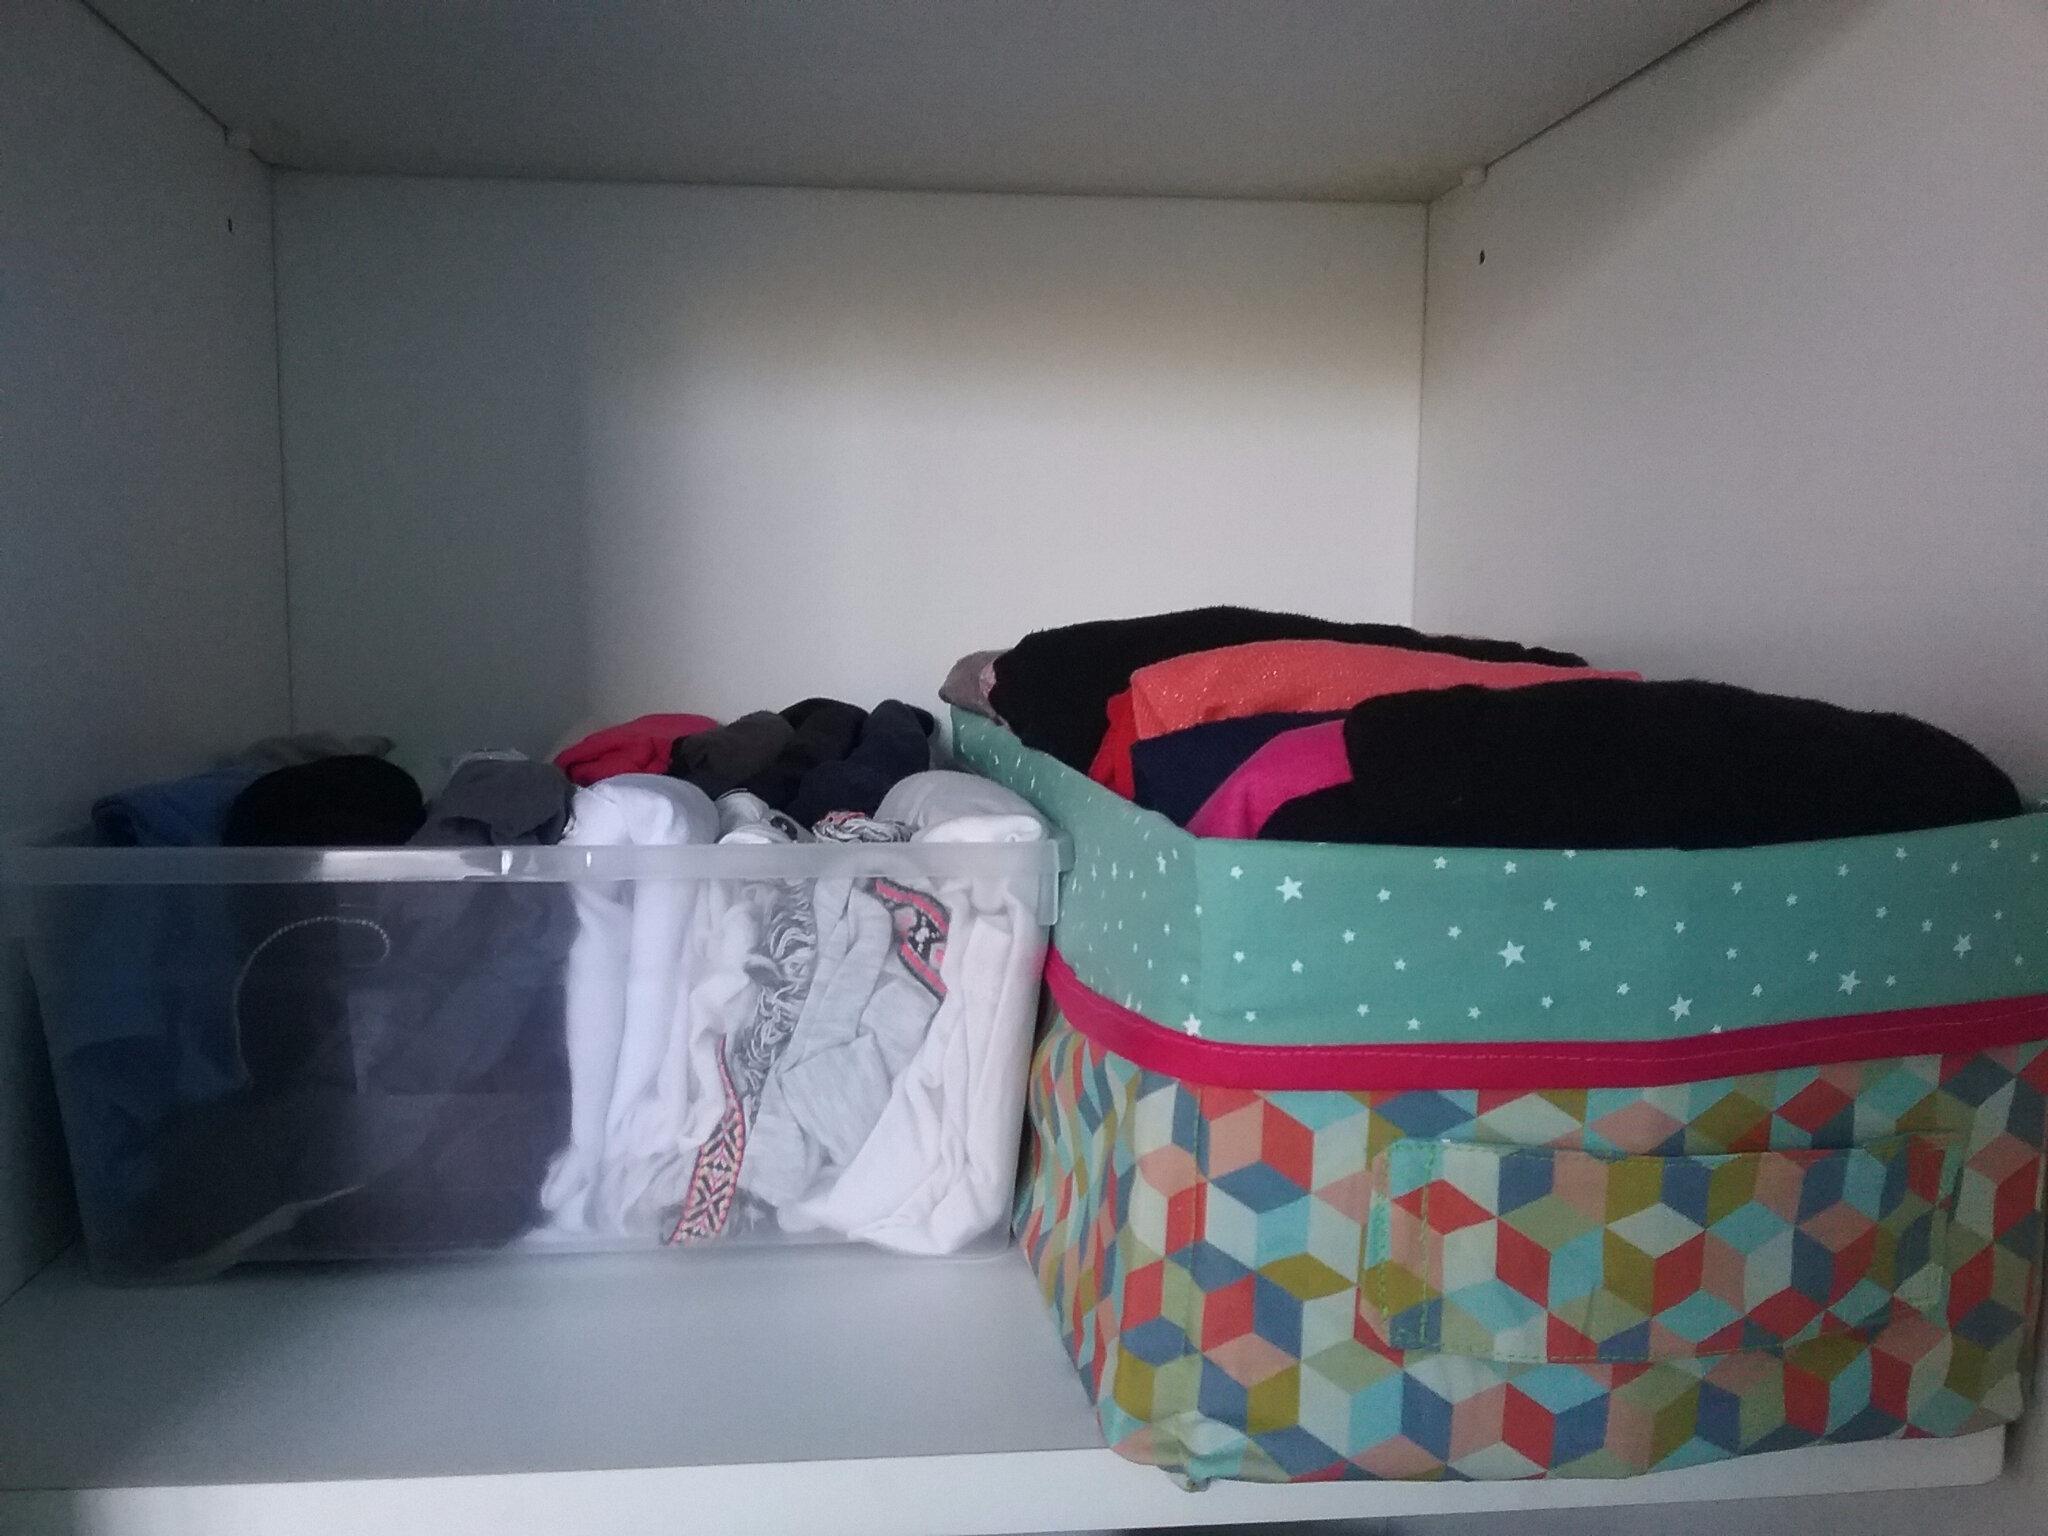 panier de rangement m thode de pliage de v tements de marie kondo la chouette kikou. Black Bedroom Furniture Sets. Home Design Ideas